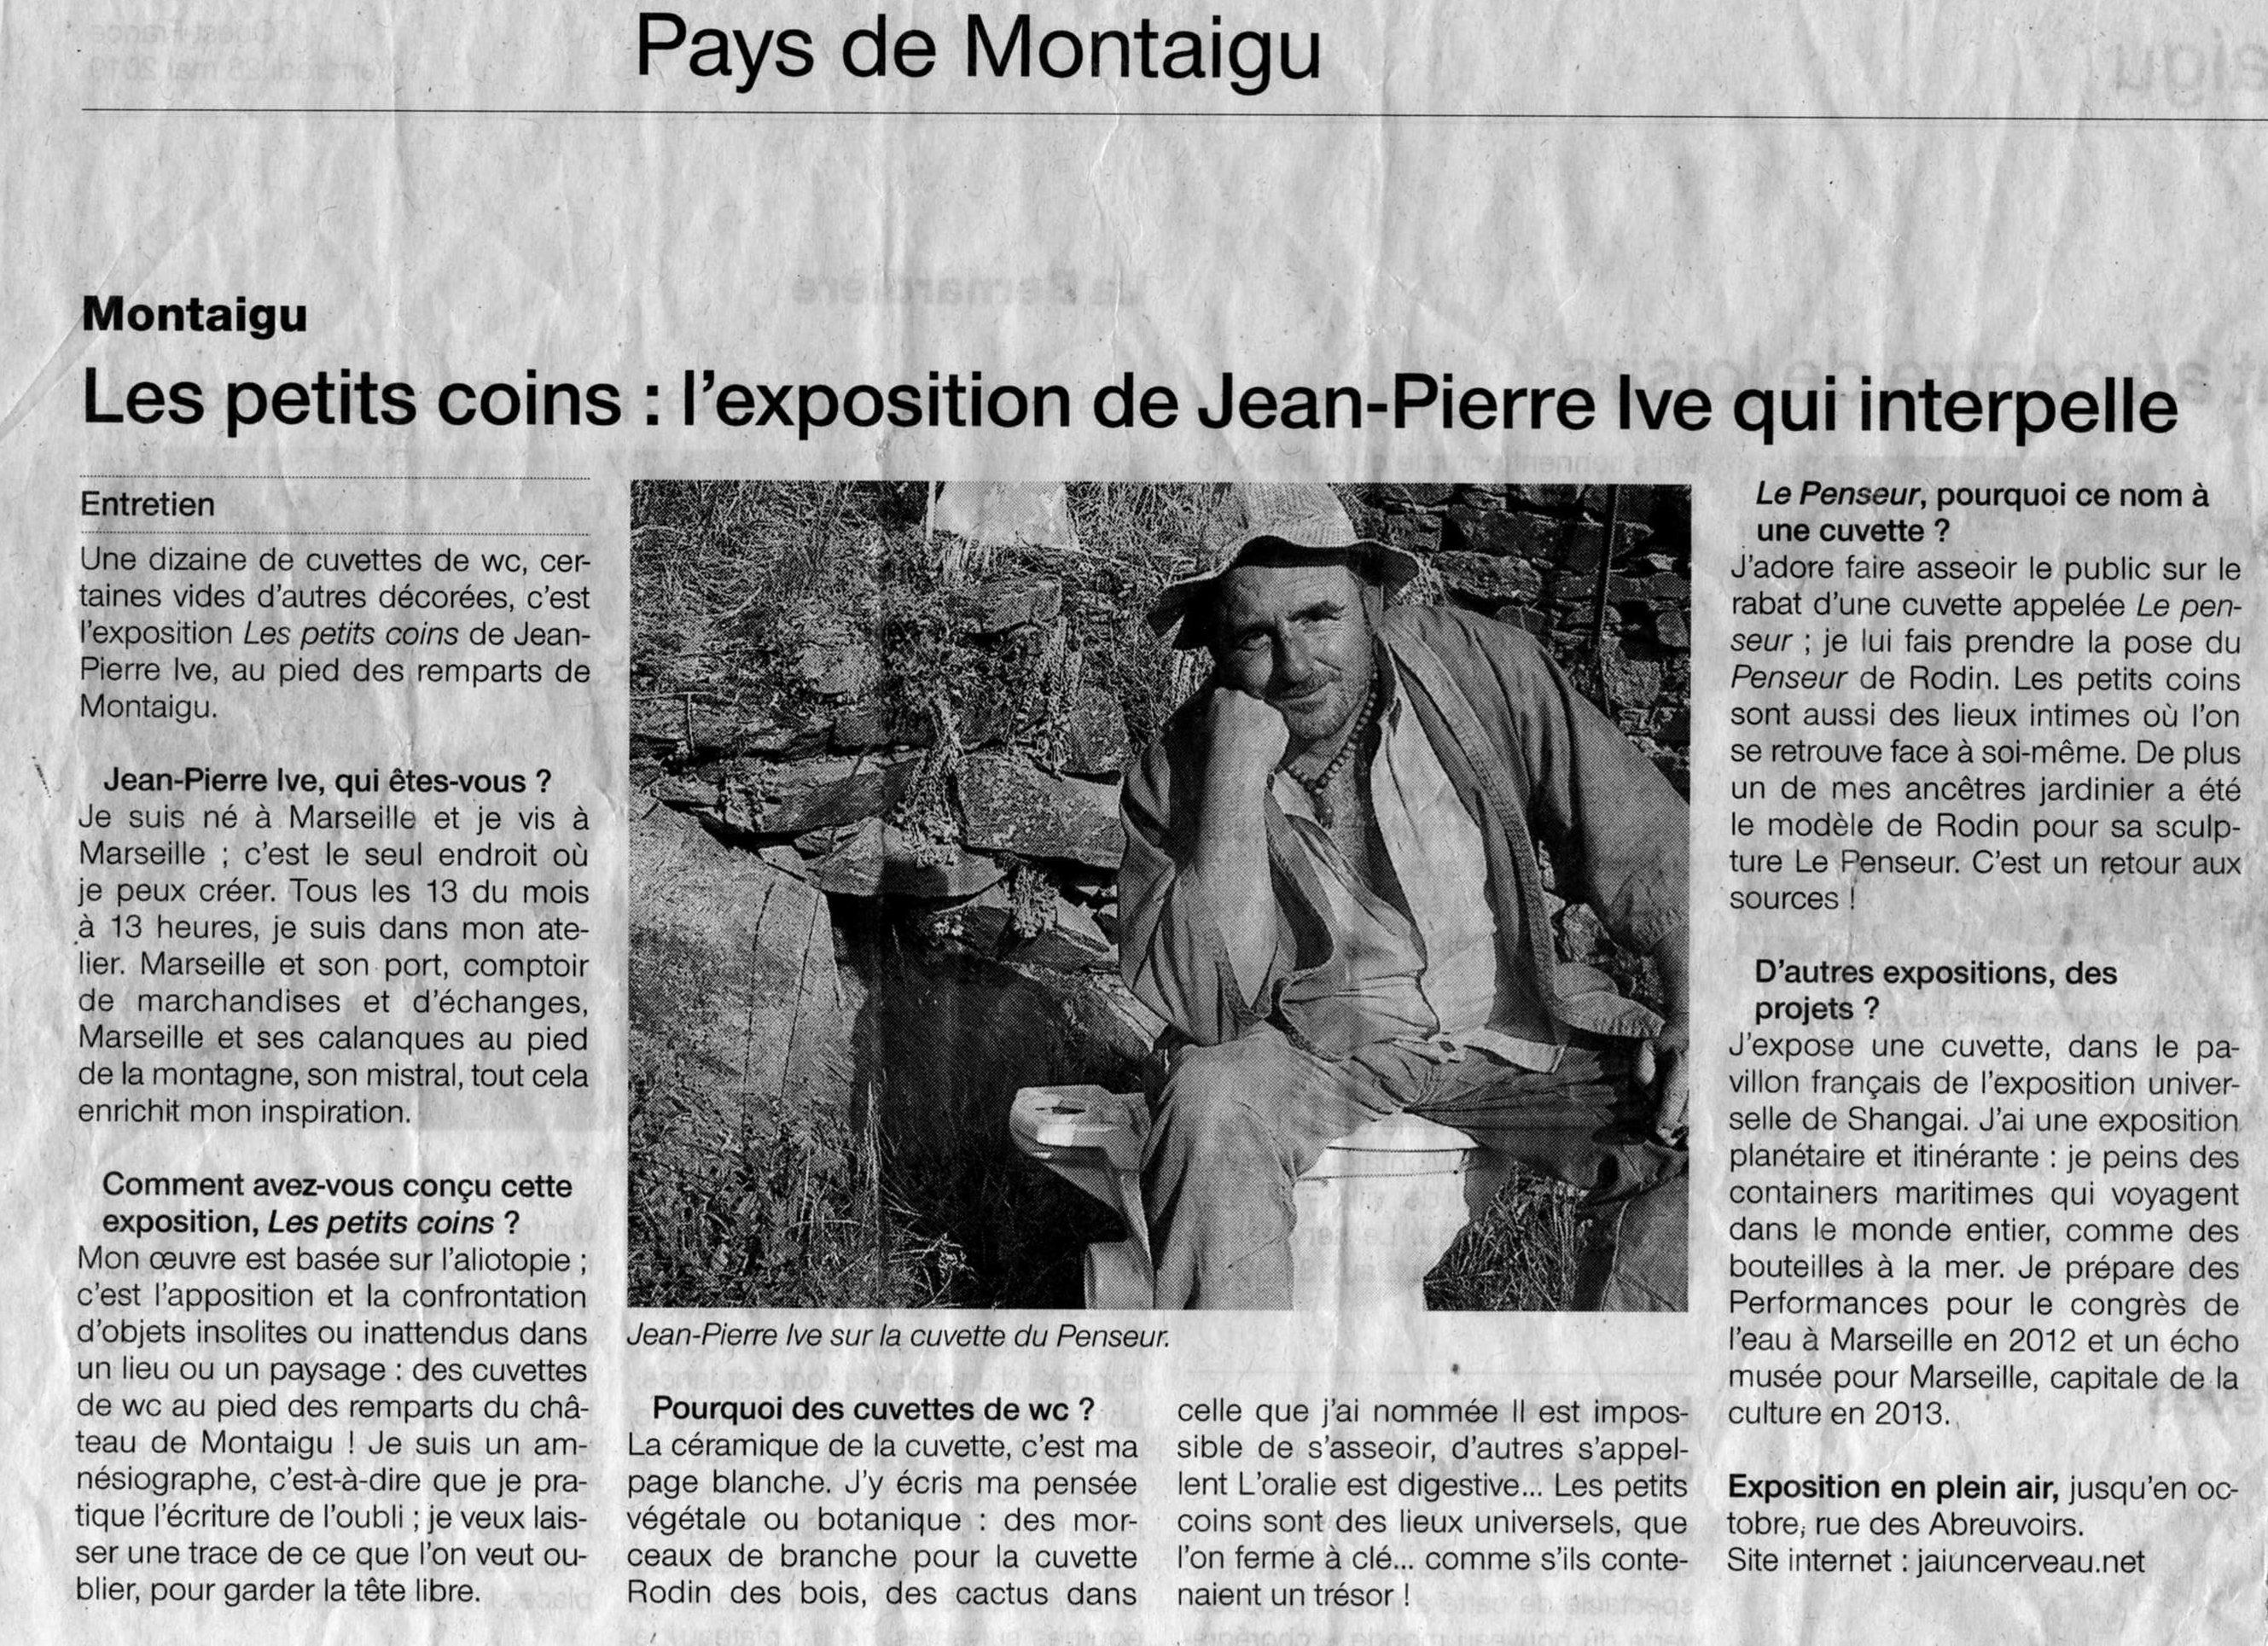 Jean Pierre ive - Les petits coins